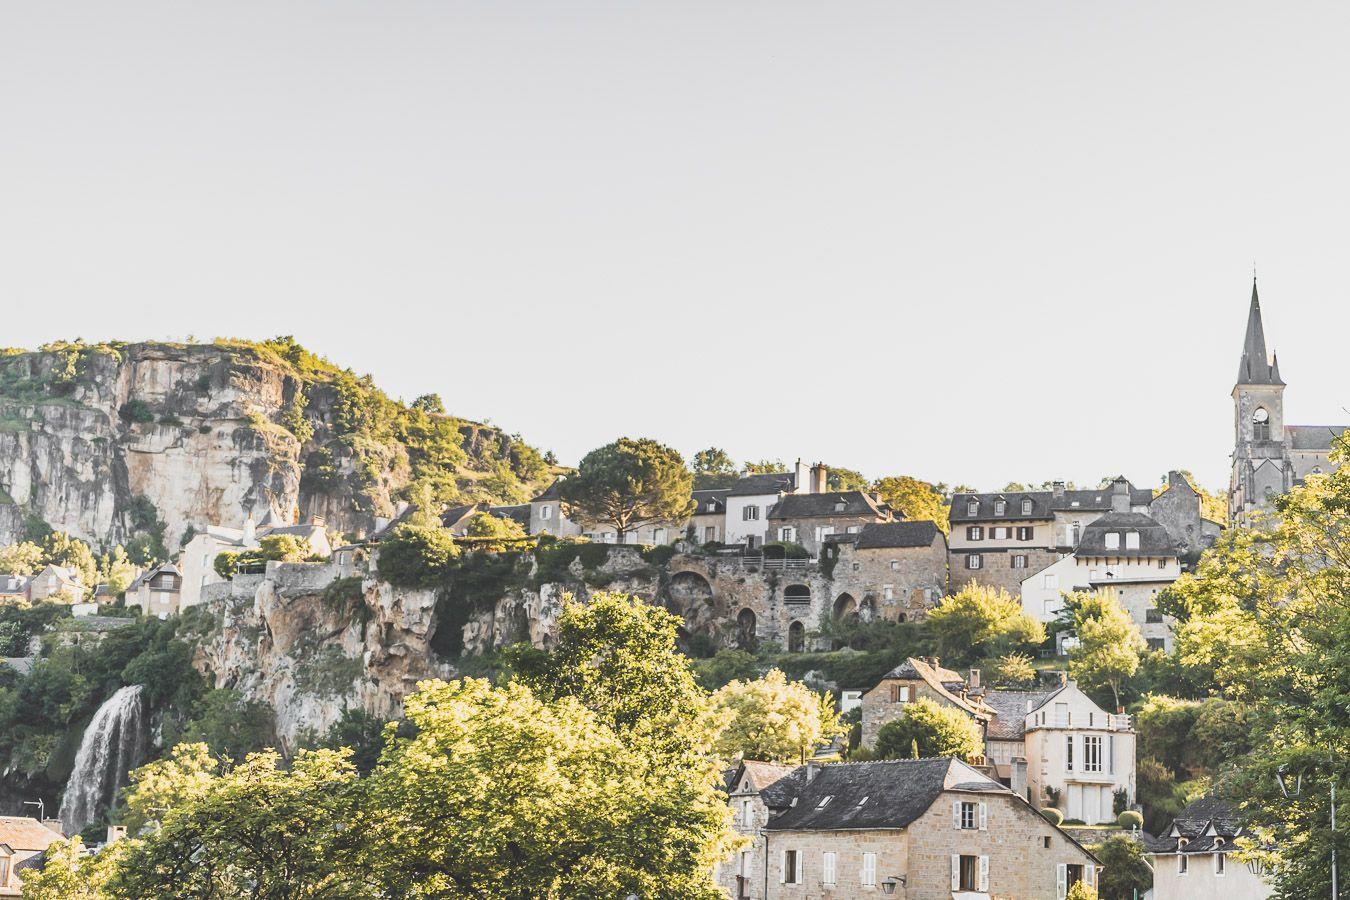 Vue sur le village de Salles-la-Source